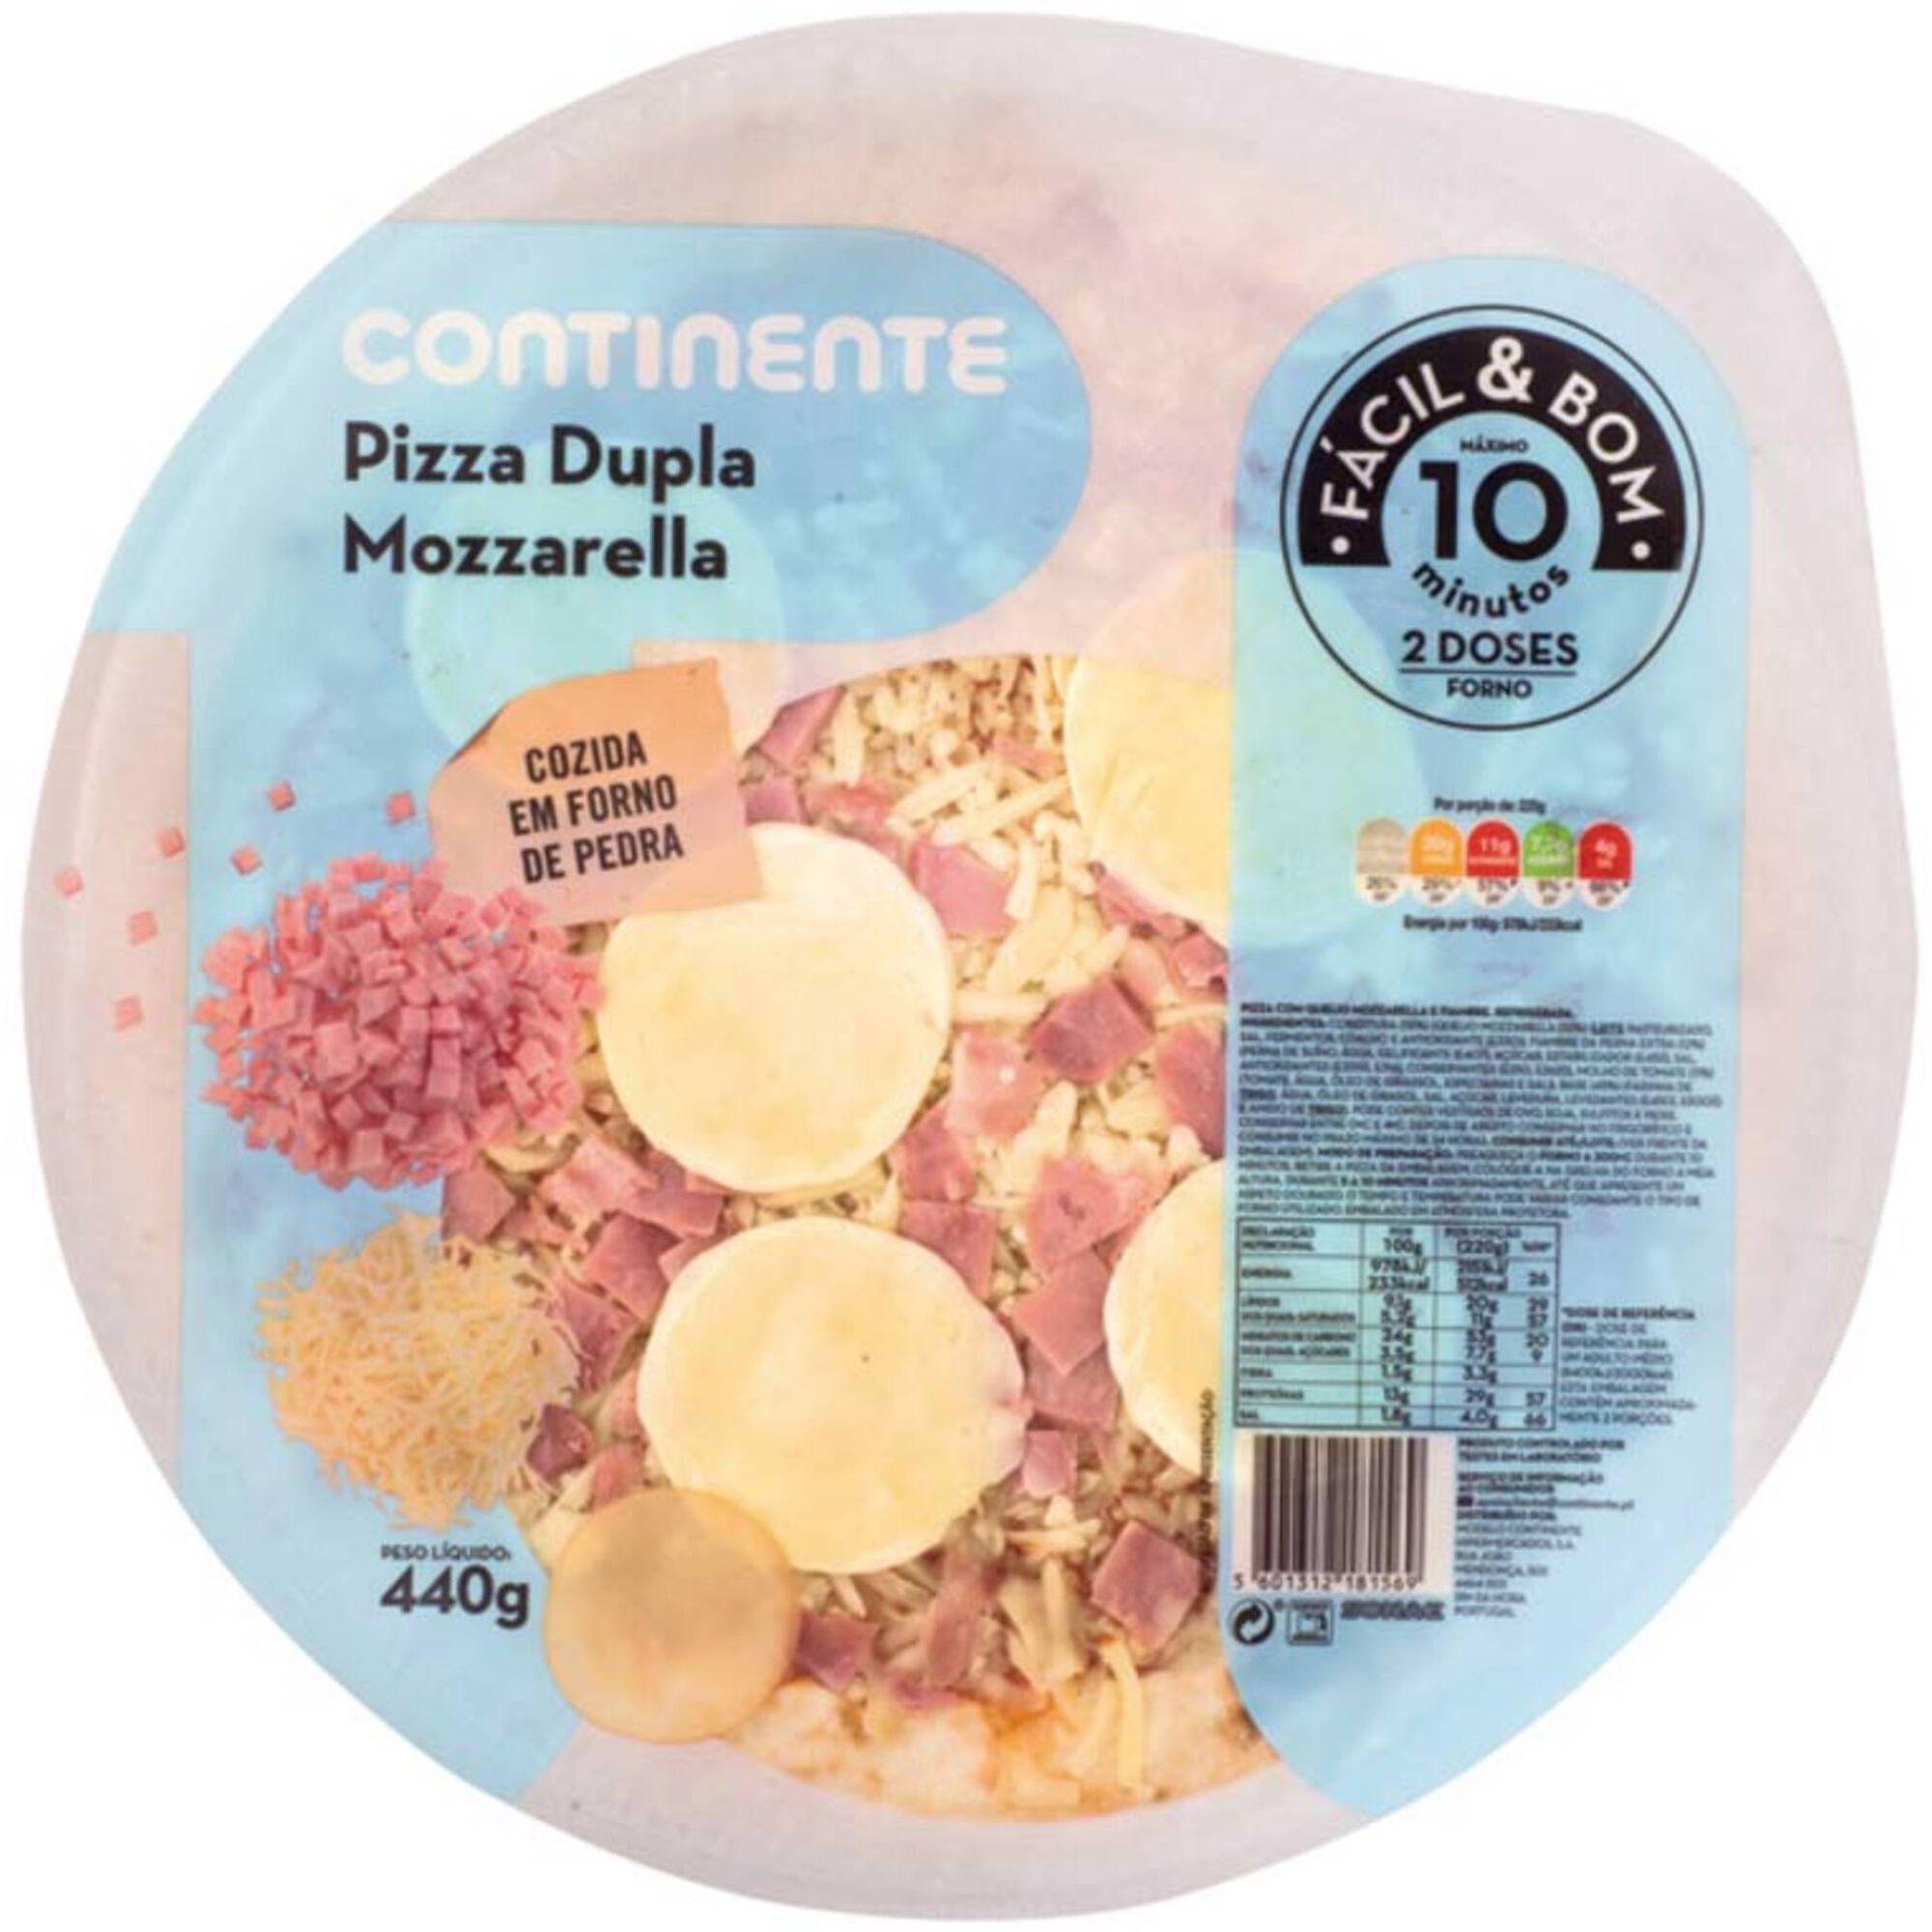 Pizza Fresca de Fiambre e Dupla Mozzarella